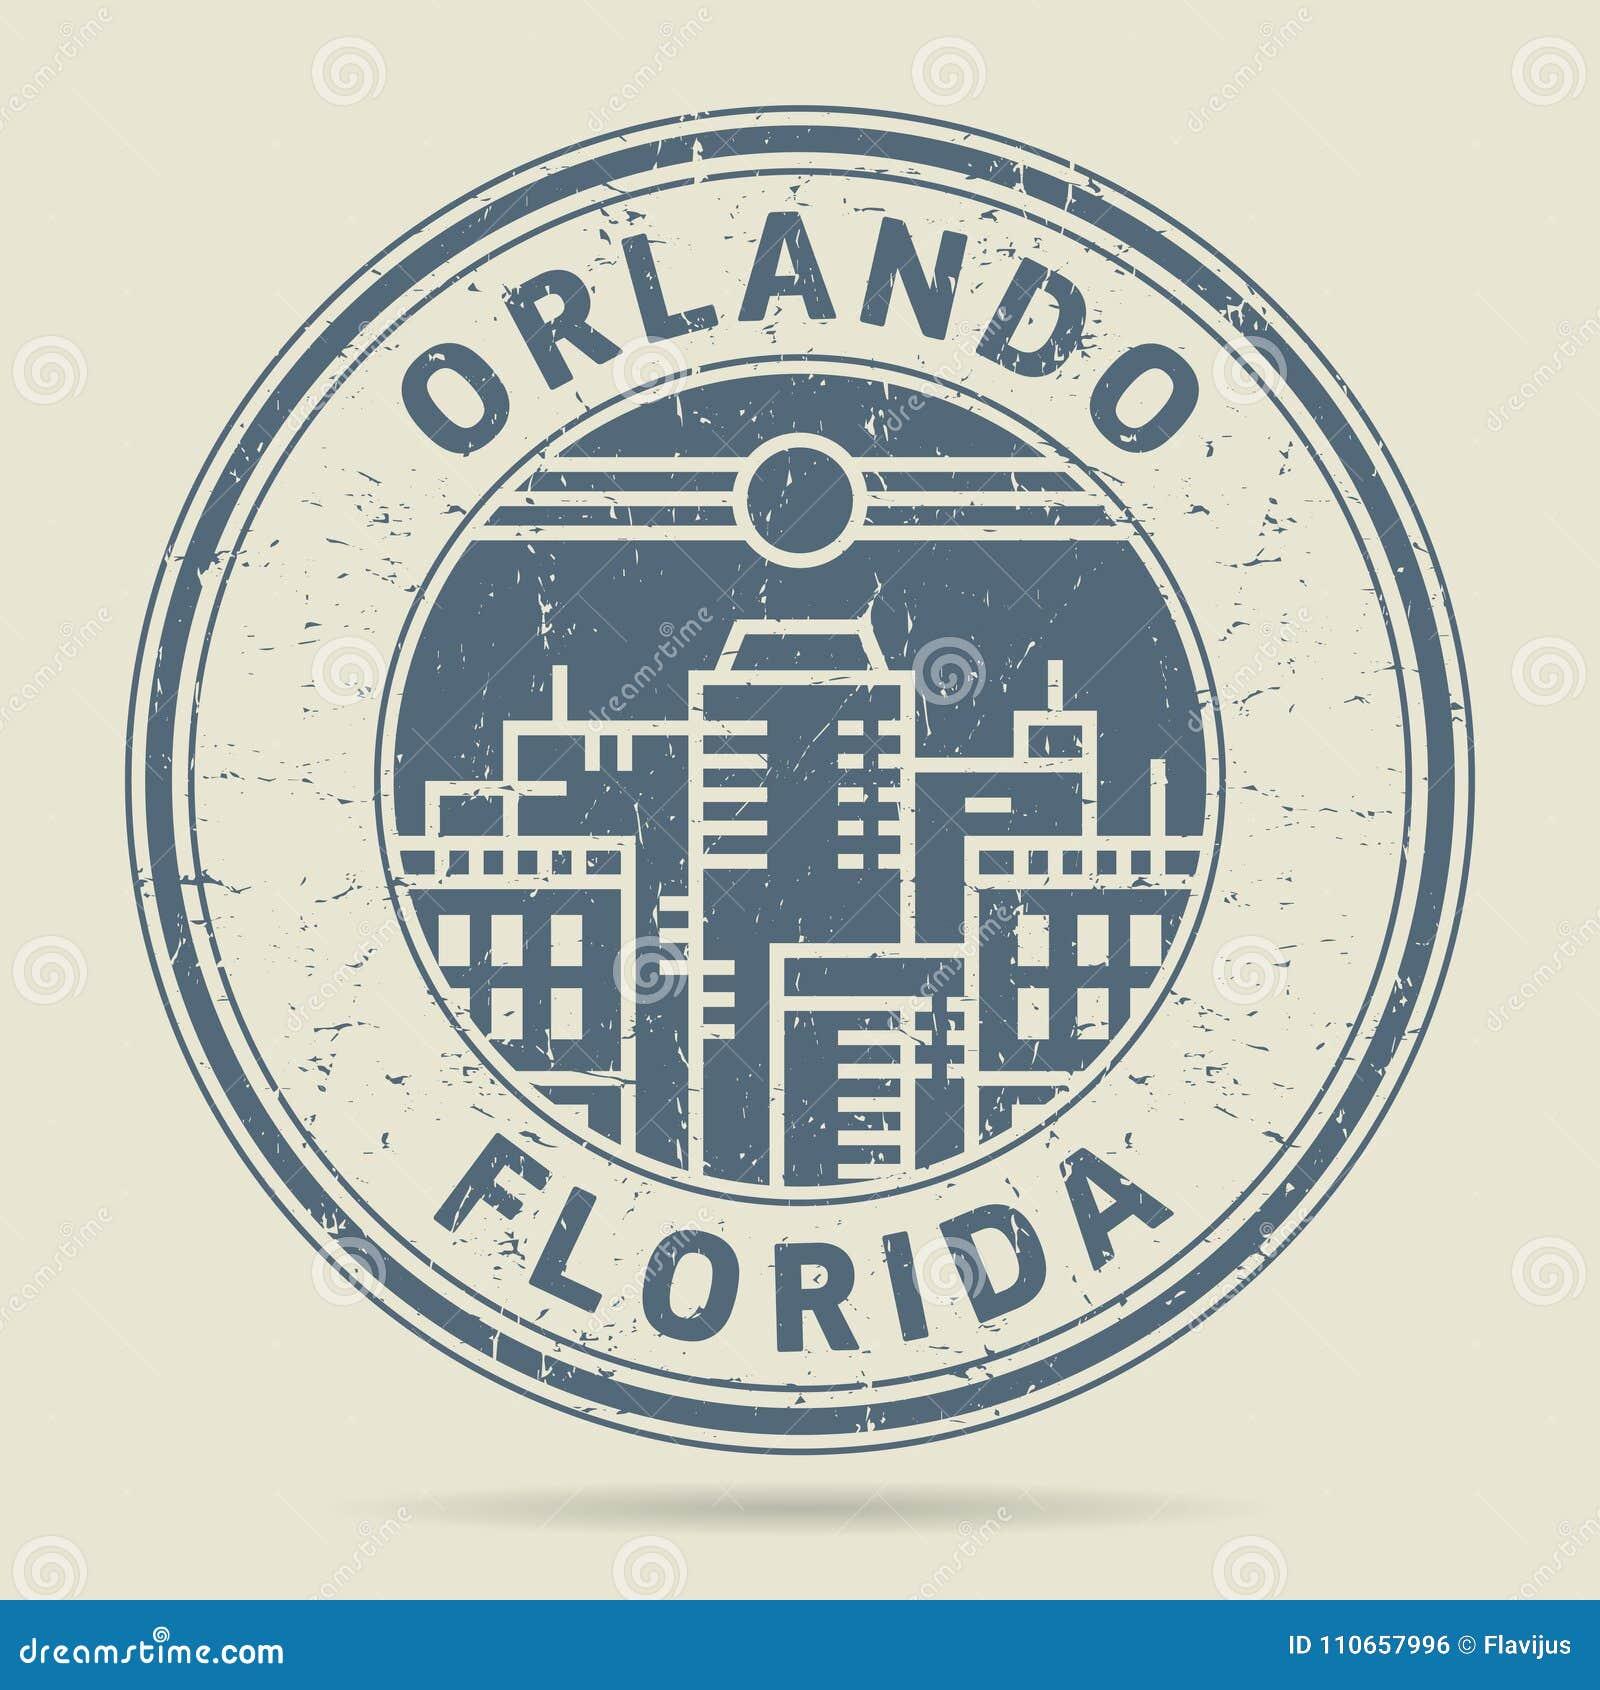 Carimbo de borracha ou etiqueta do Grunge com texto Orlando, Florida